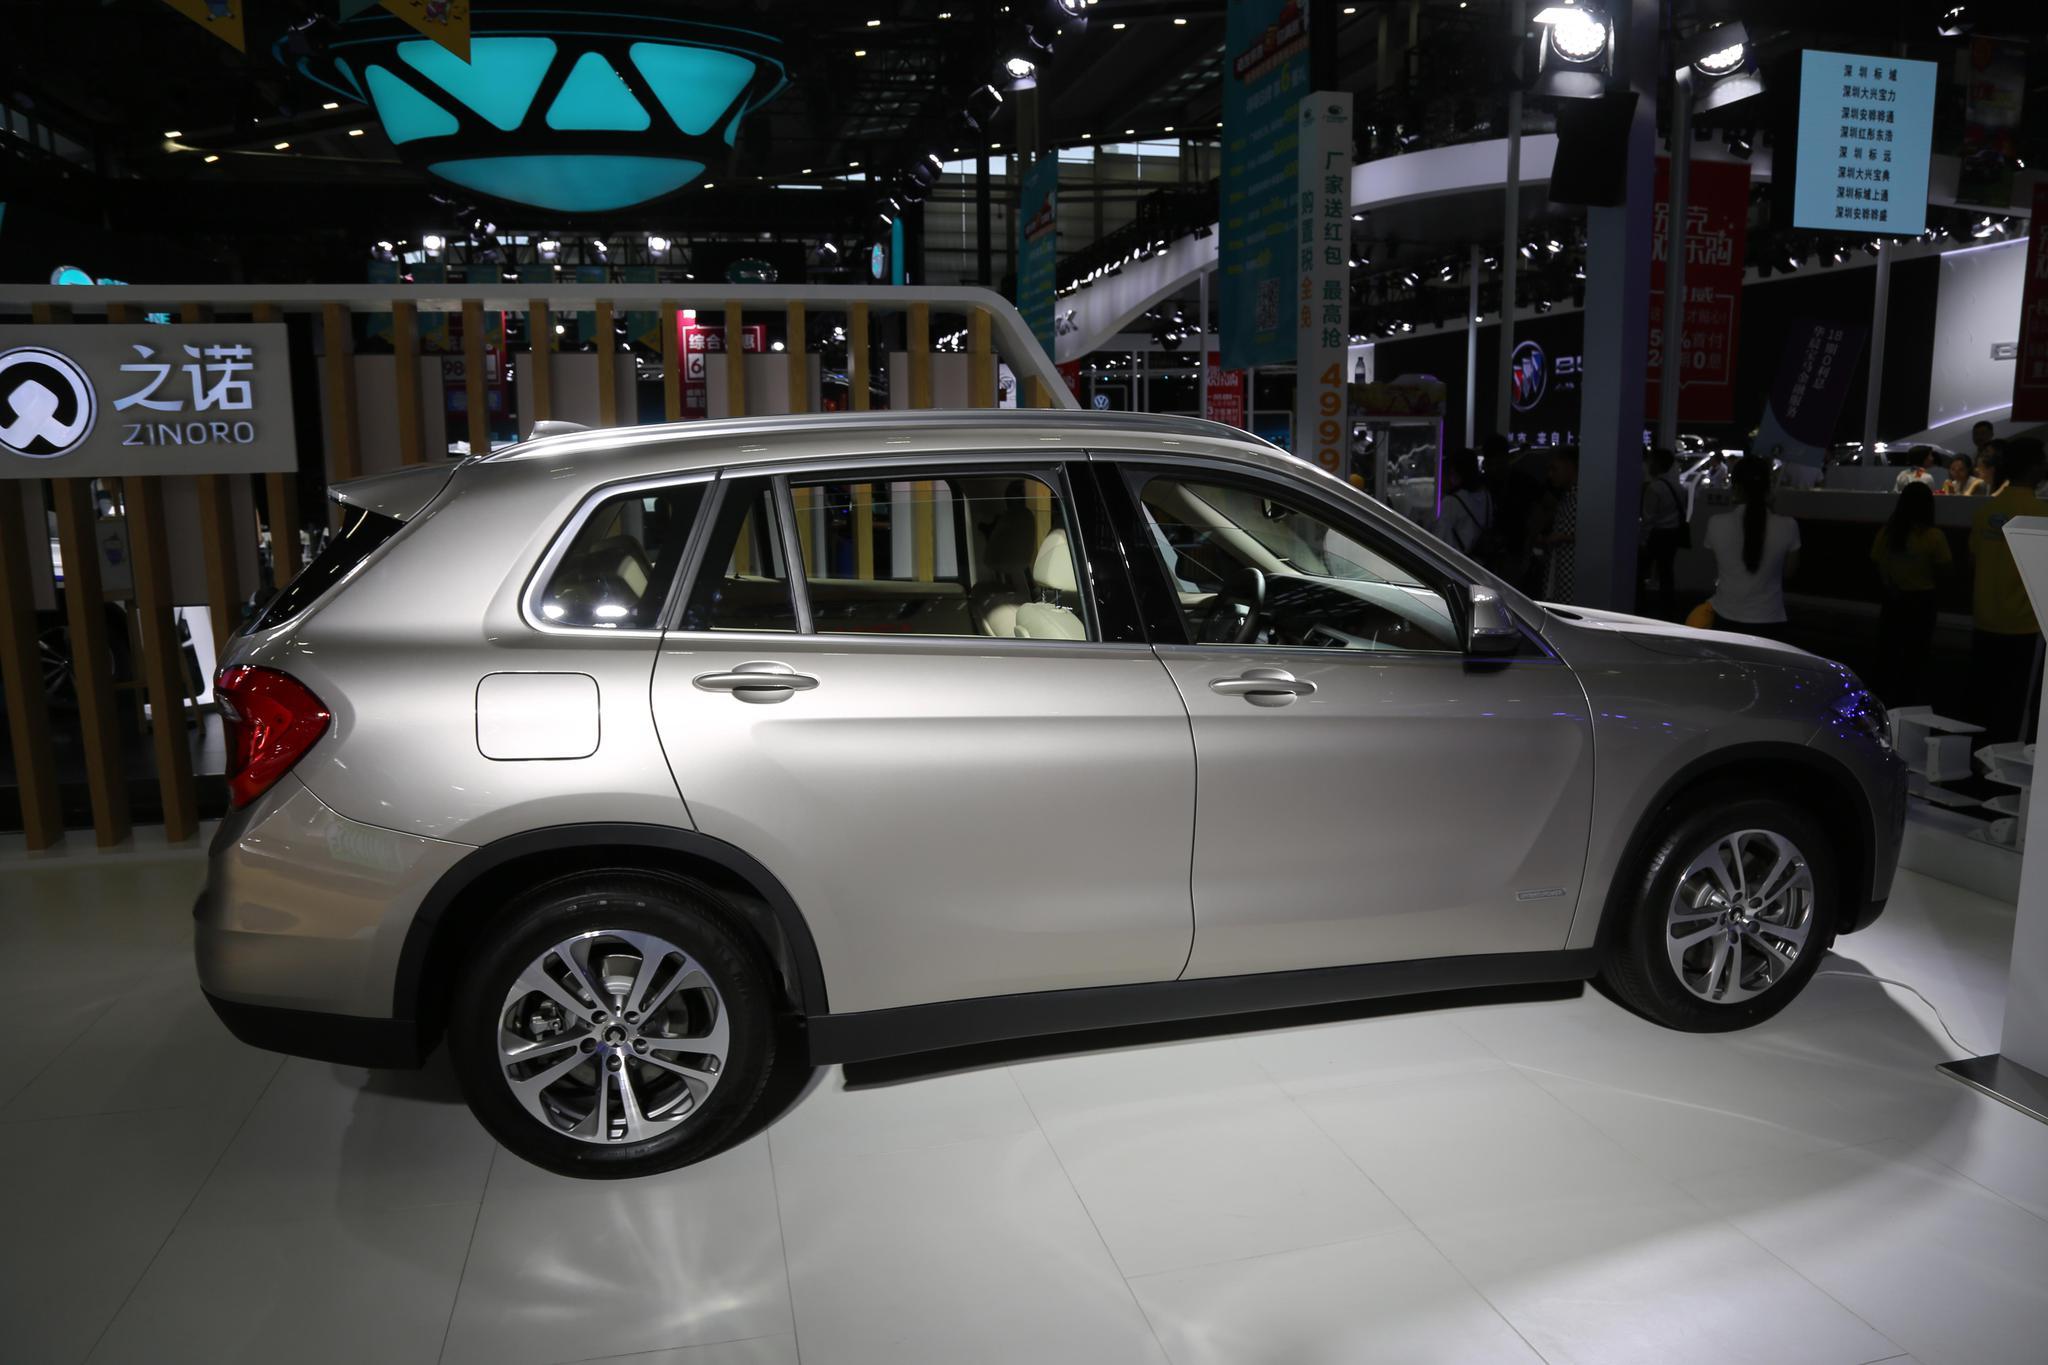 对决特斯拉,宝马之诺60H,35万级别插混动力SUV亮相车展!